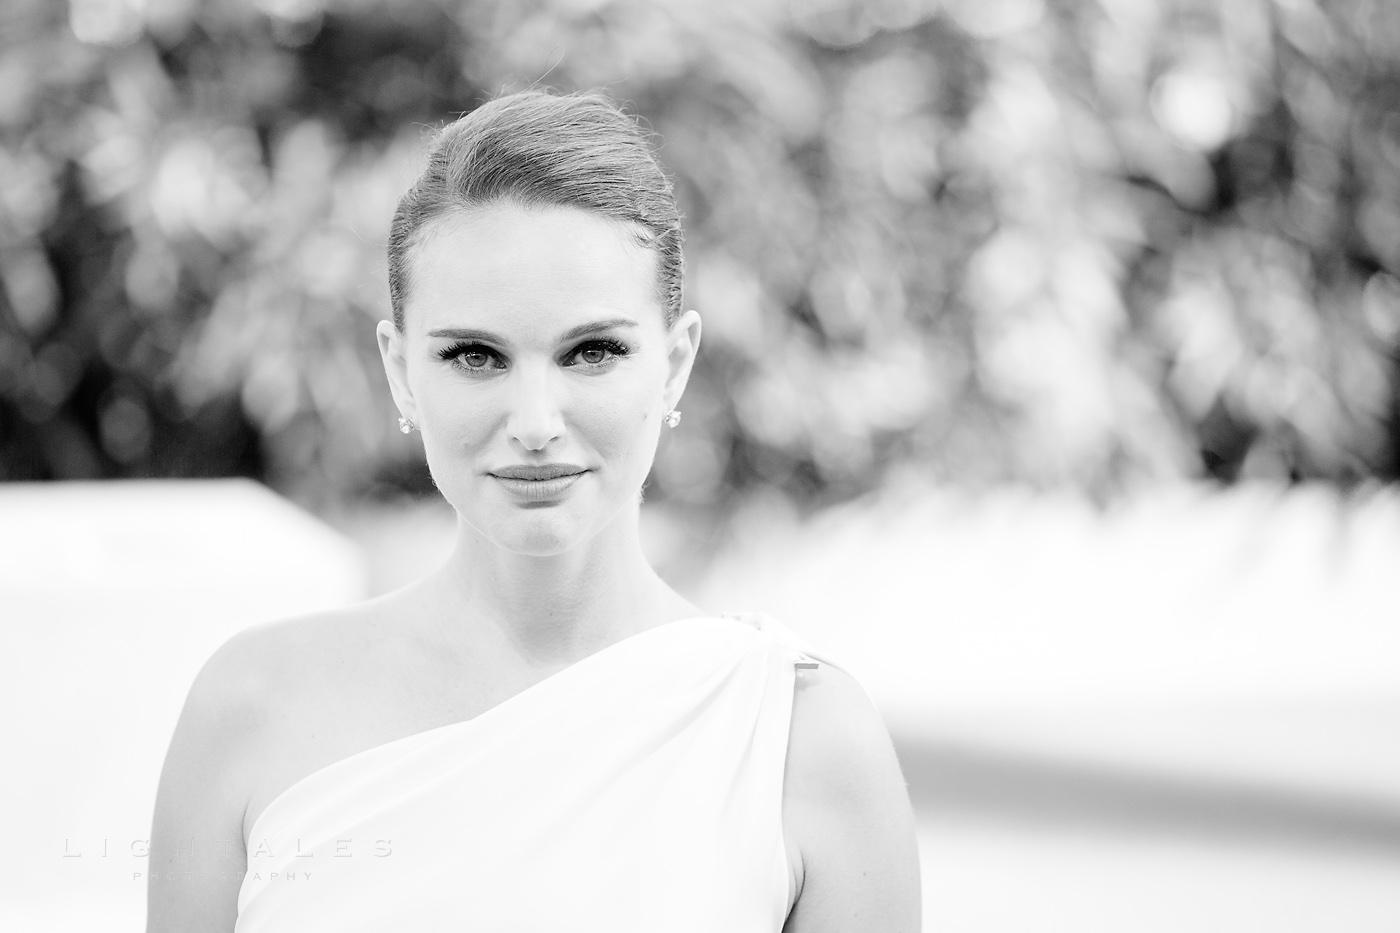 natalie-portman-venezia-festival-cinema-actress-highkey